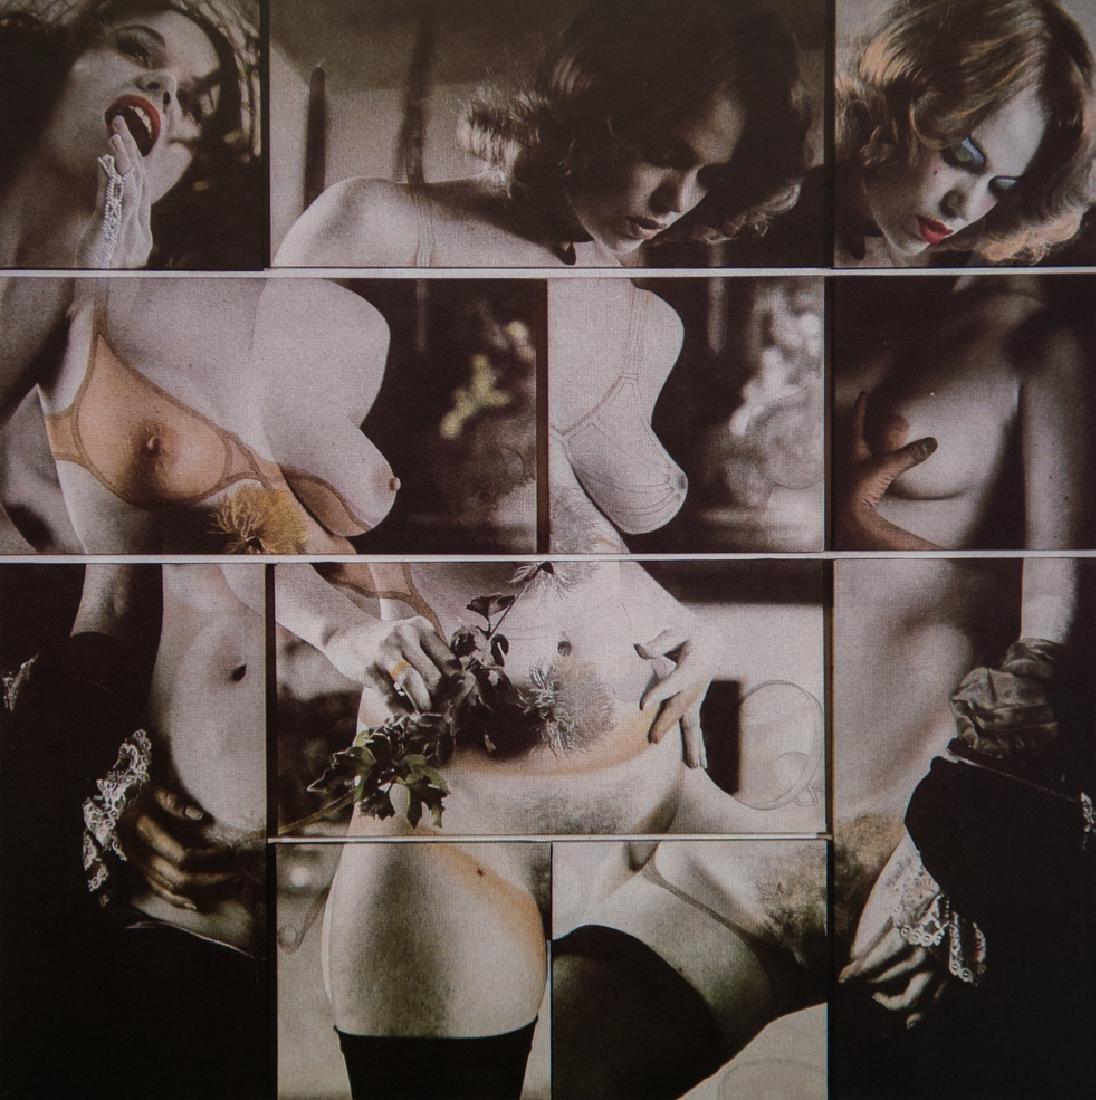 ROBERT HEINECKEN - Cliche Vary/Autoeroticism, 1974